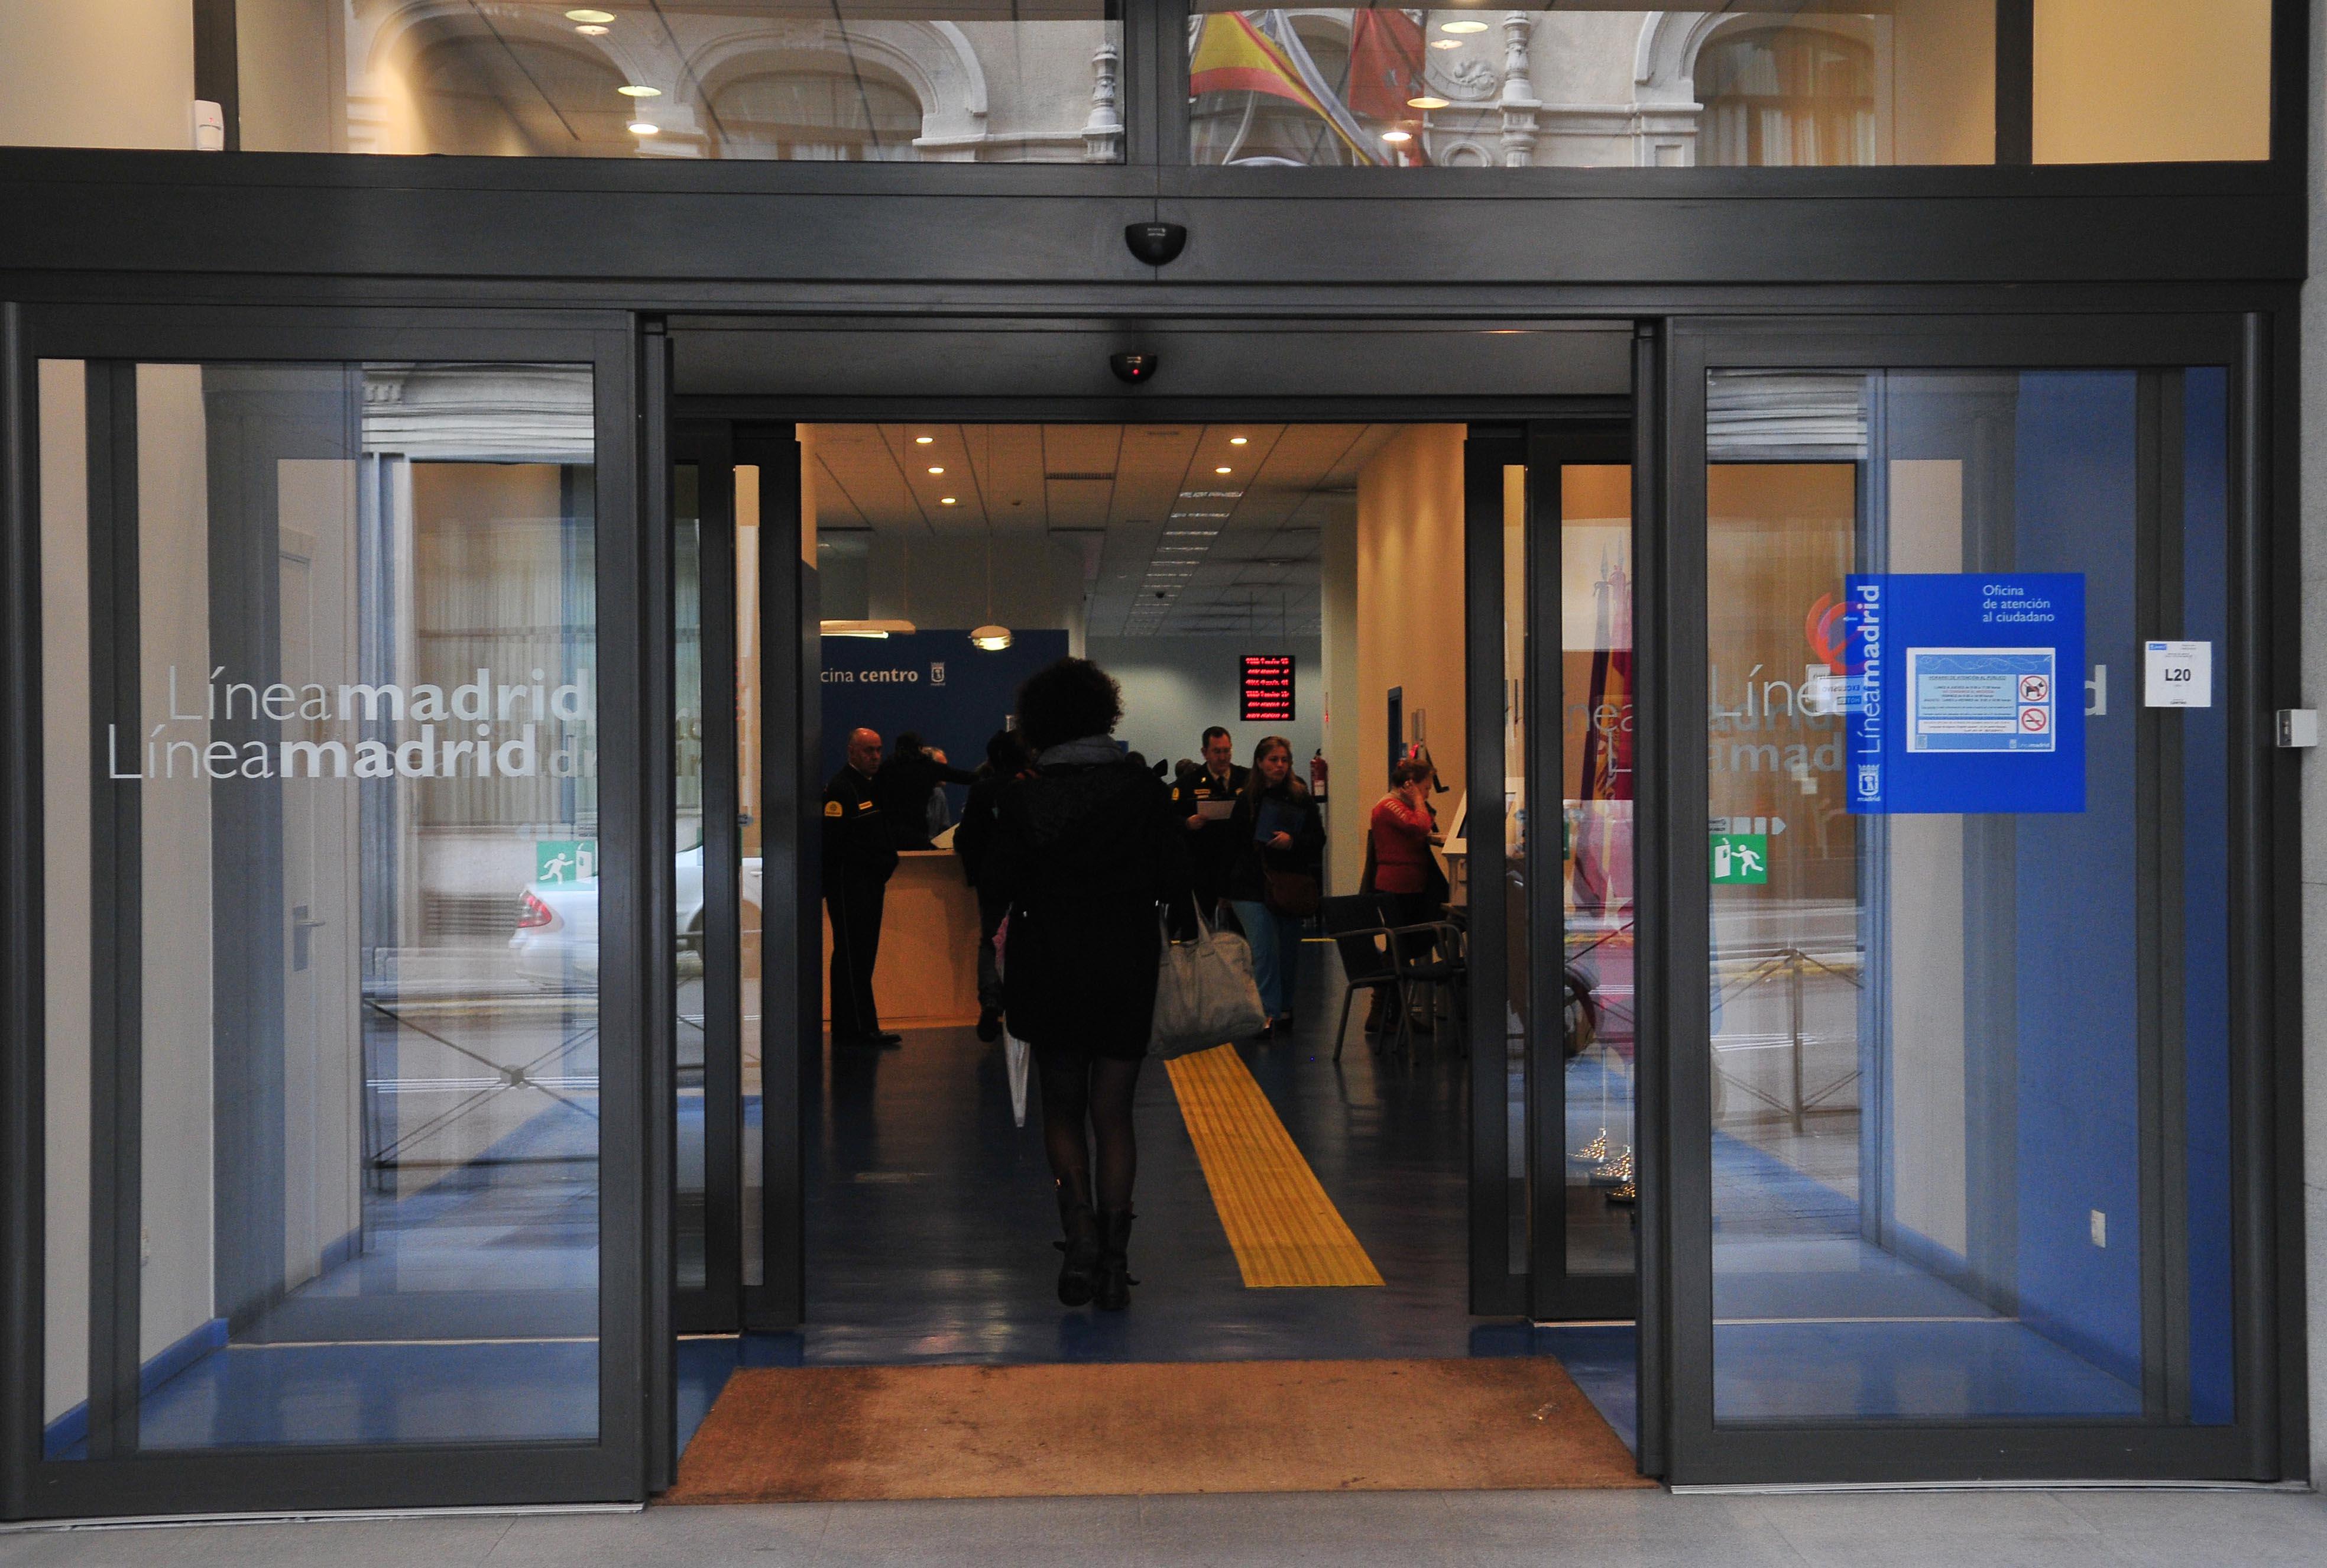 Xito en accesibilidad ayuntamiento de madrid for Oficinas linea madrid